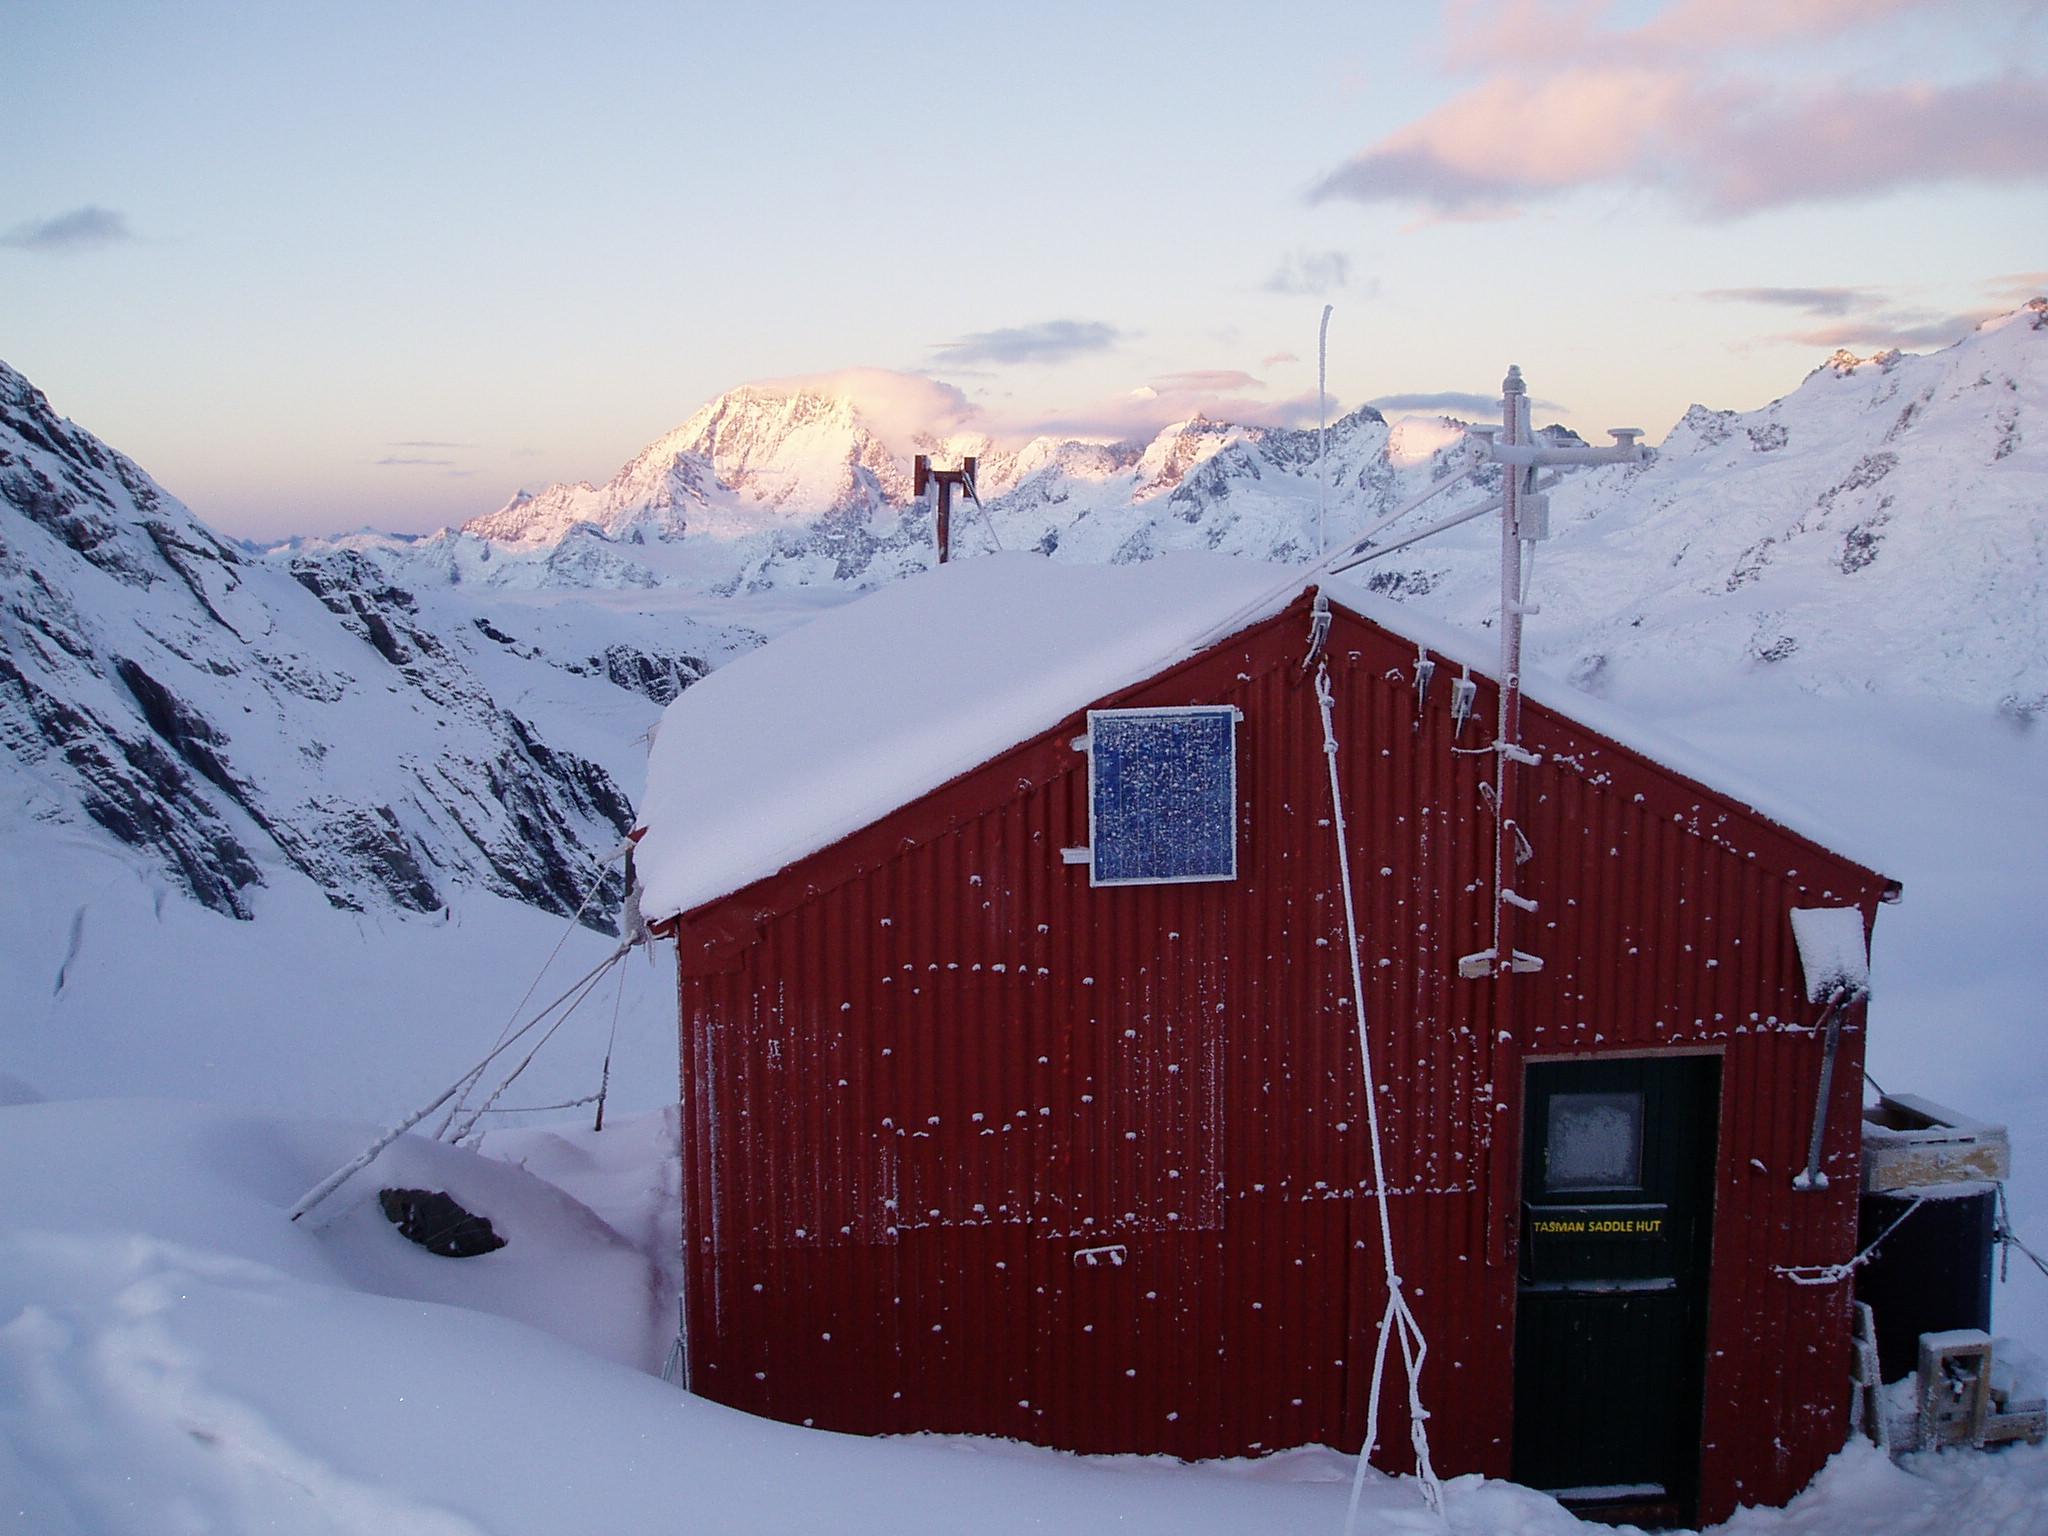 Freshly coated Tasman Saddle hut